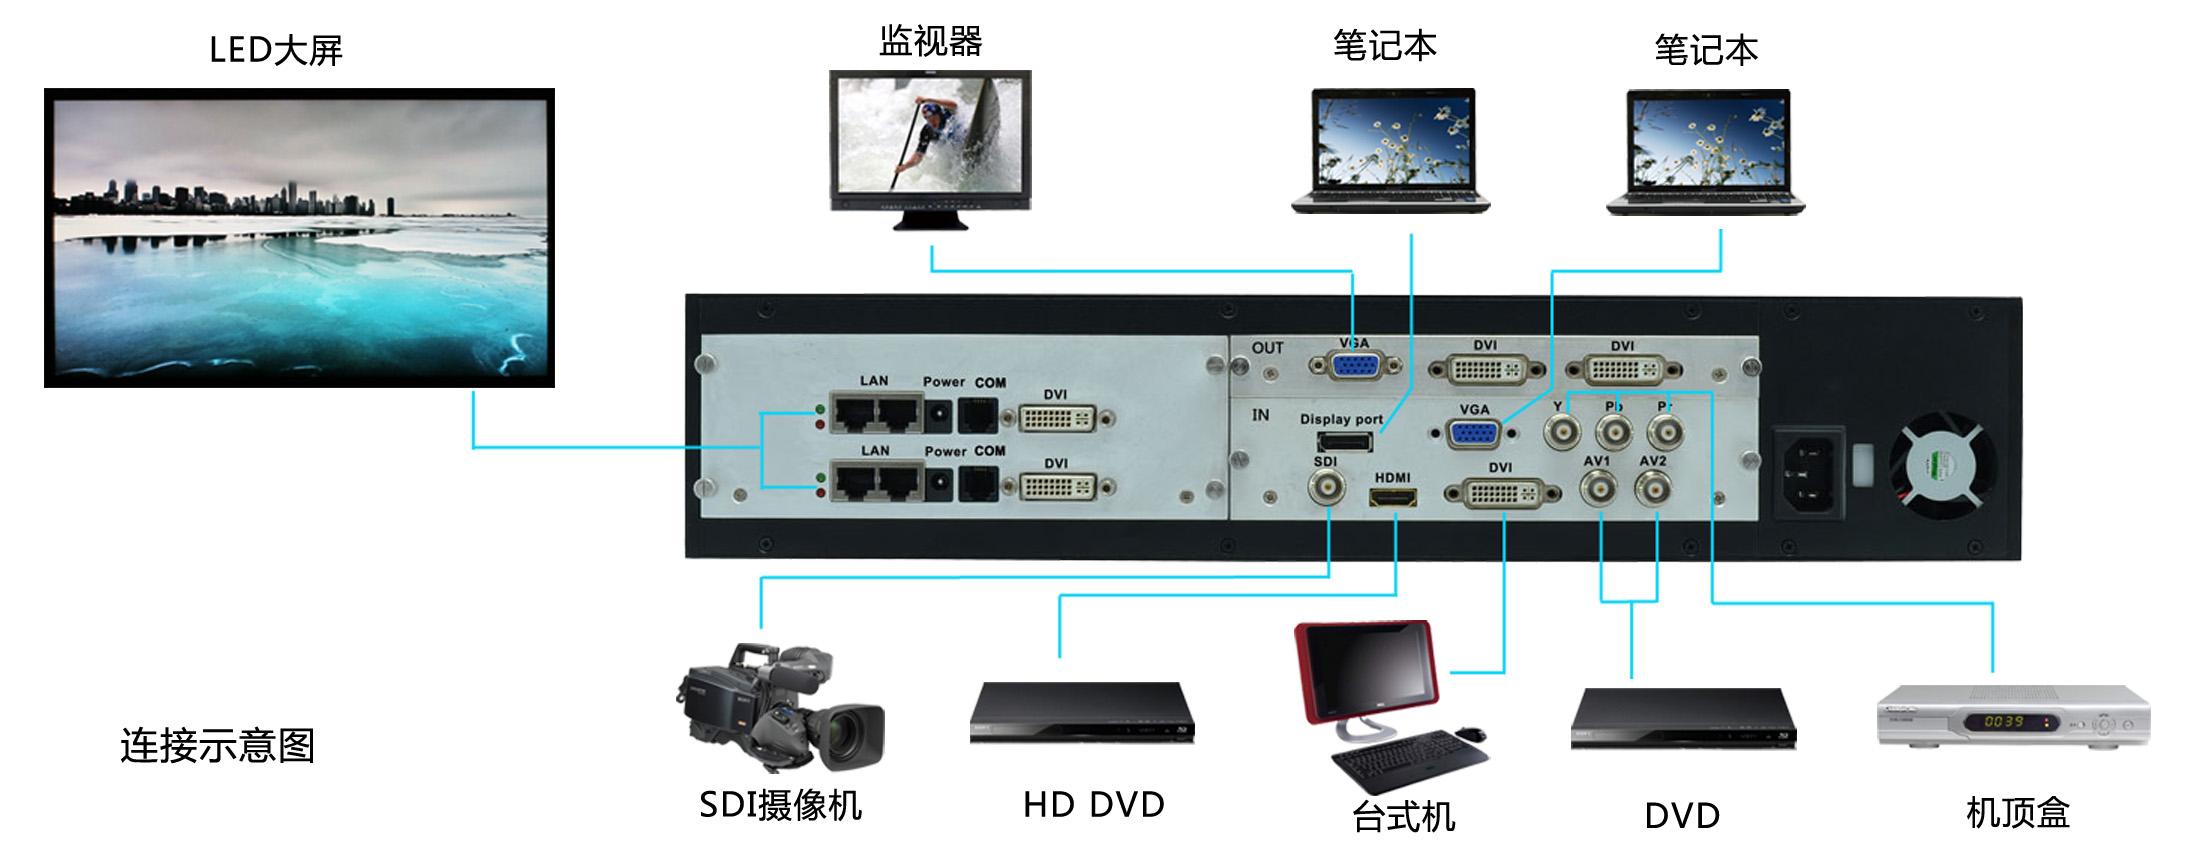 图片视频综合_如何安装led视频处理器